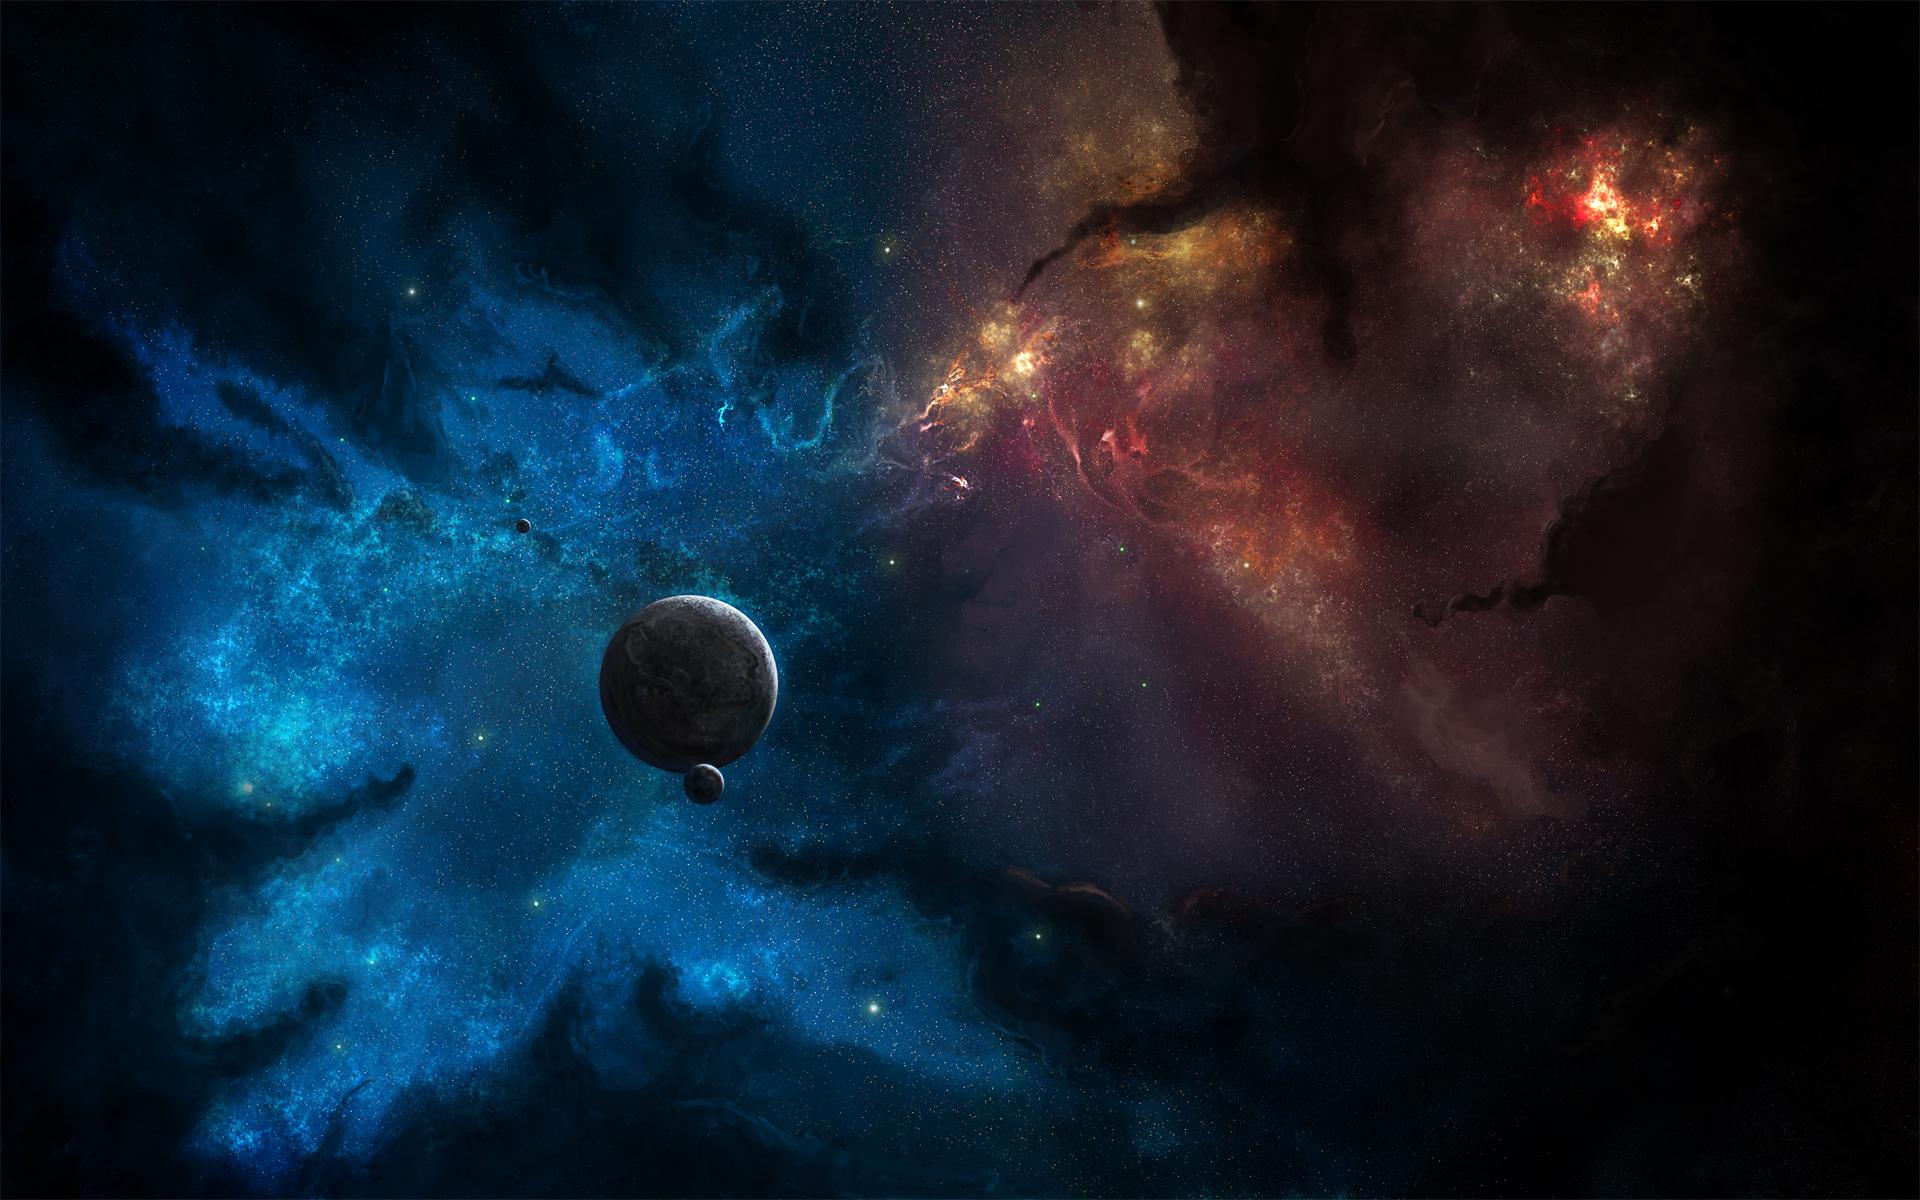 Обои Туманность со звездами картинки на рабочий стол на тему Космос - скачать загрузить